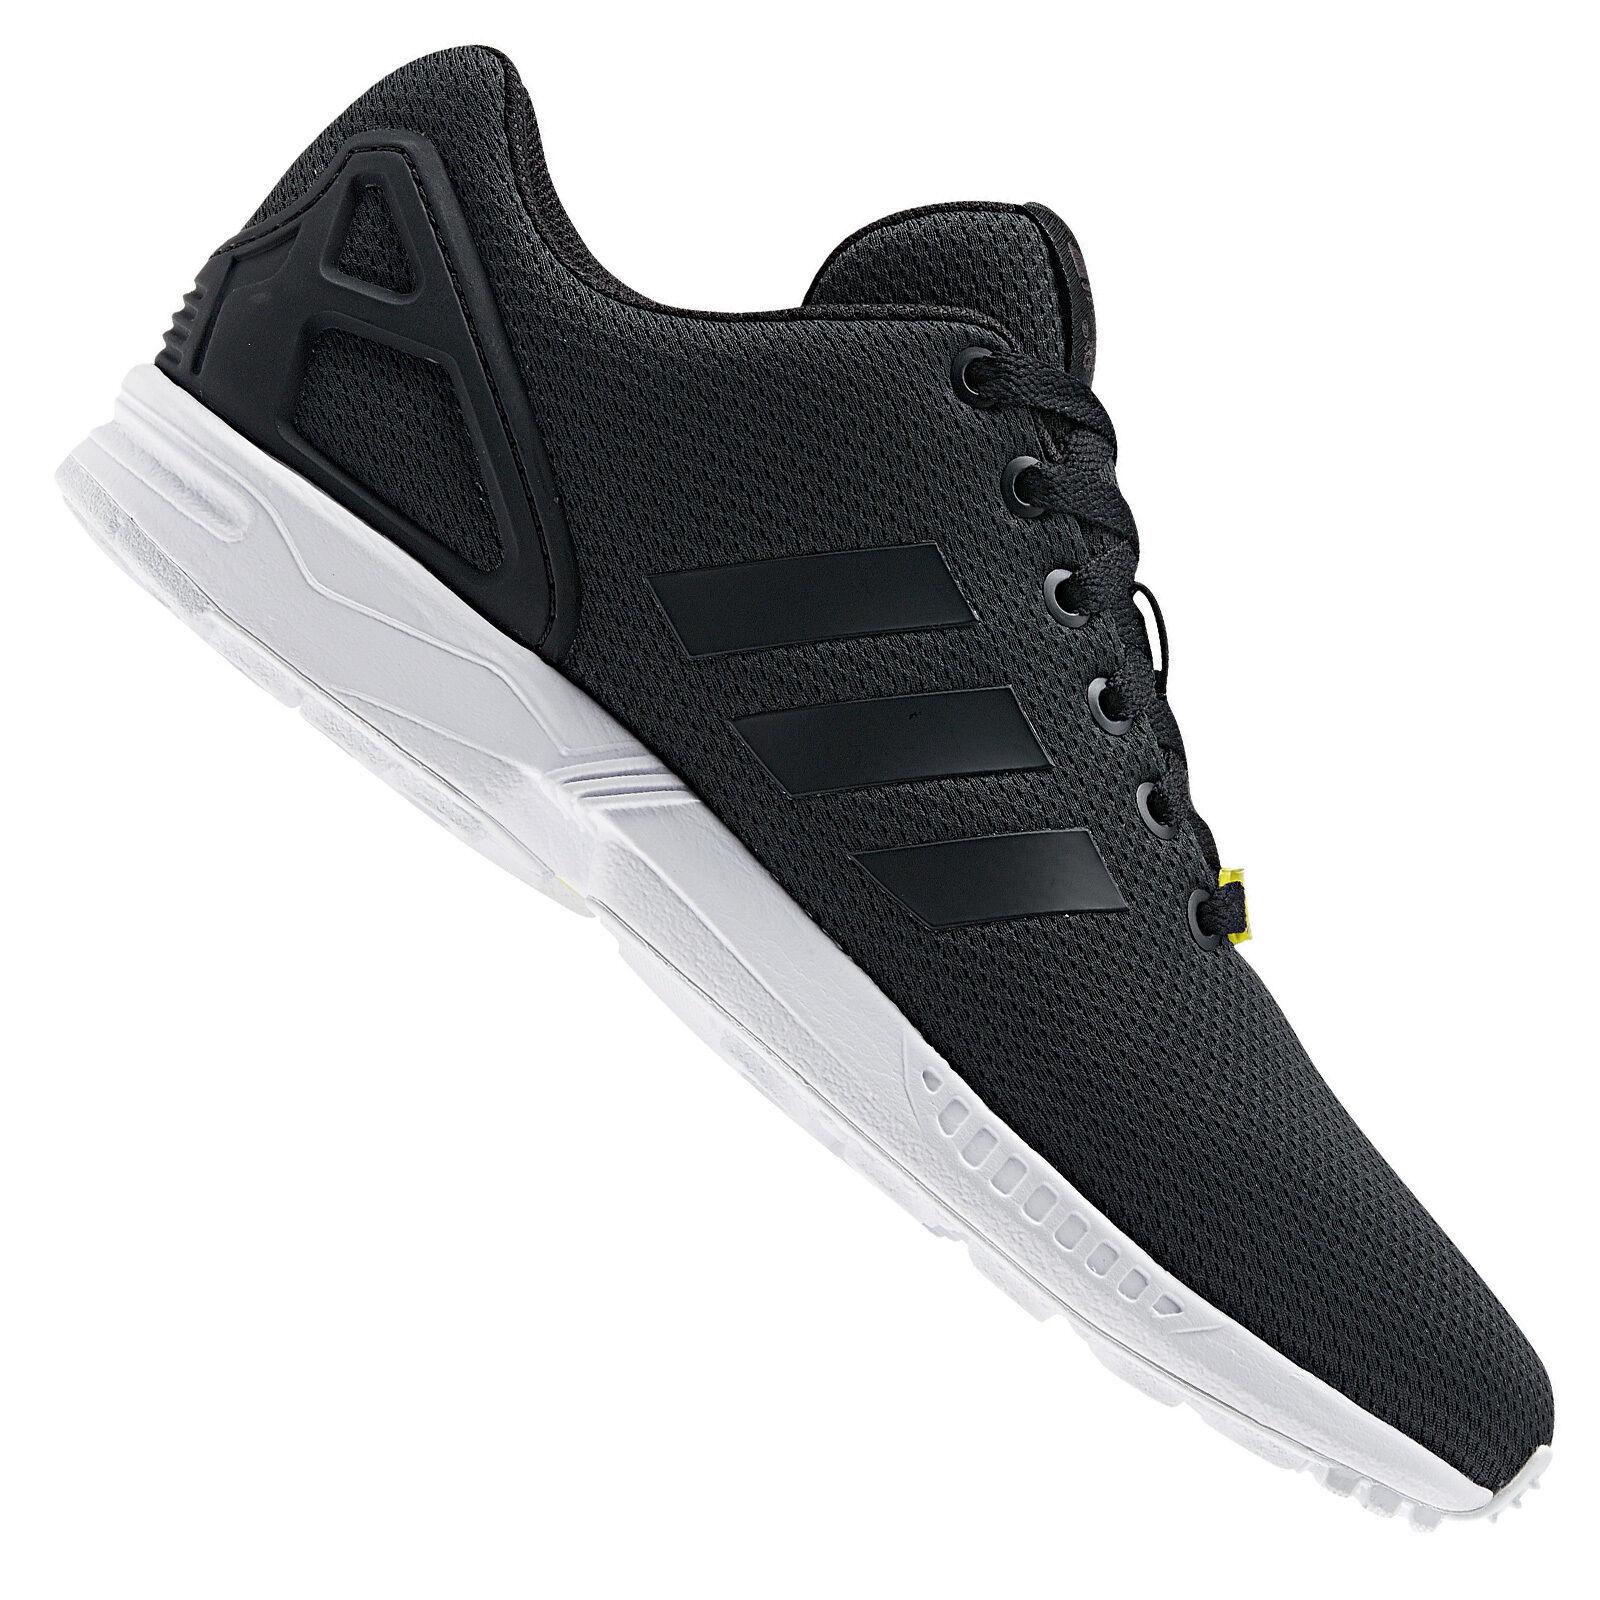 Adidas Originals Zx Flux Zapatillas Zapatillas Zapatillas Deportivas Zapatos Botas Deportes Negro 31e4f3